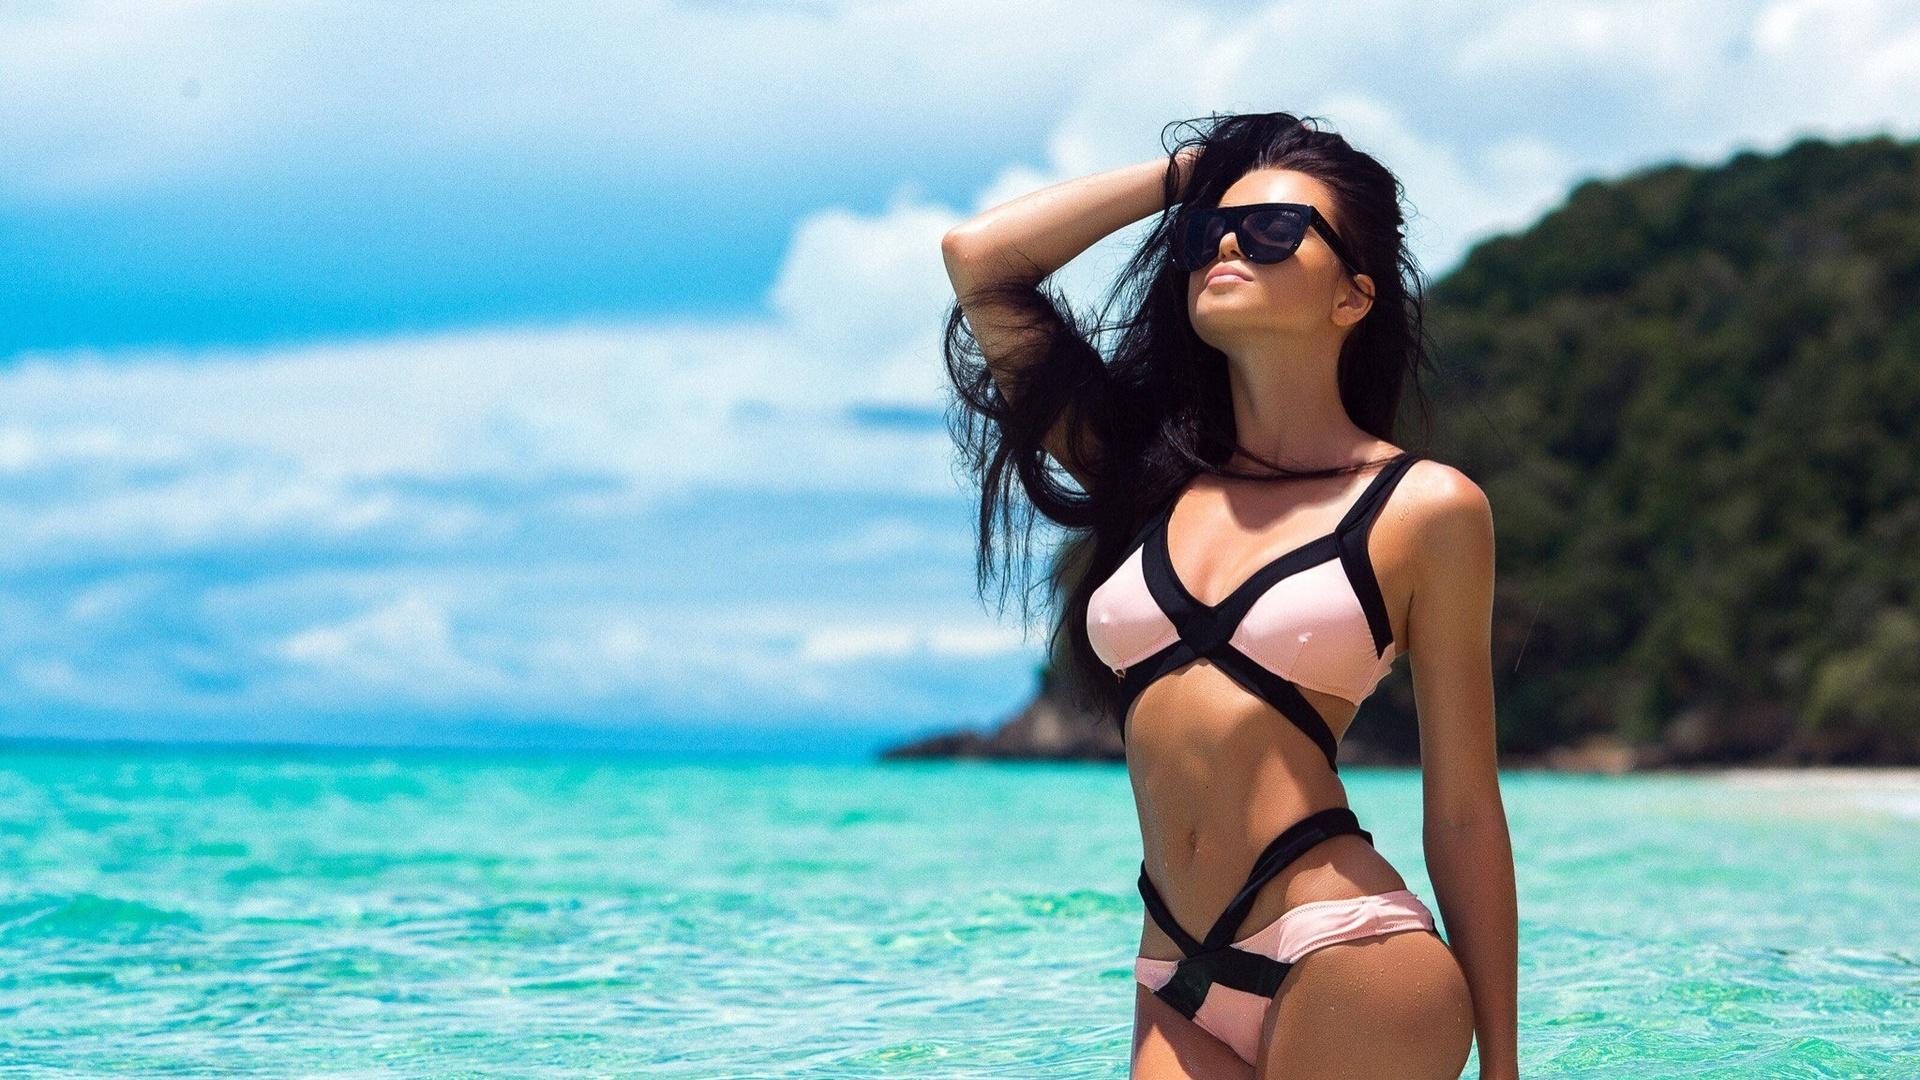 фото девушек в купальнике и очках фото мужчины желают